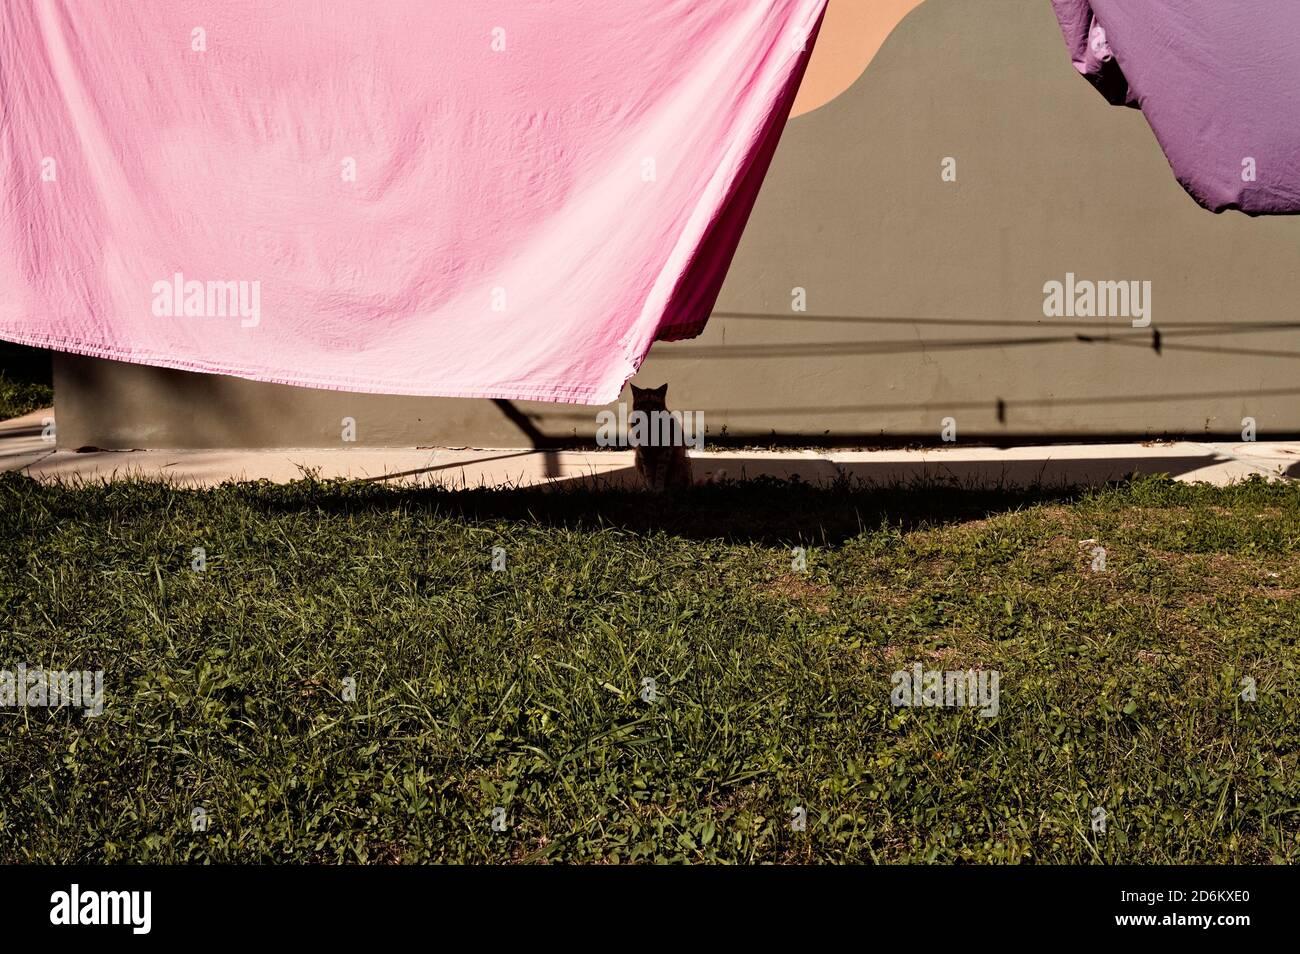 Un gato aislado a la sombra de la ropa colgando en el jardín (Pesaro, Italia, Europa) Foto de stock